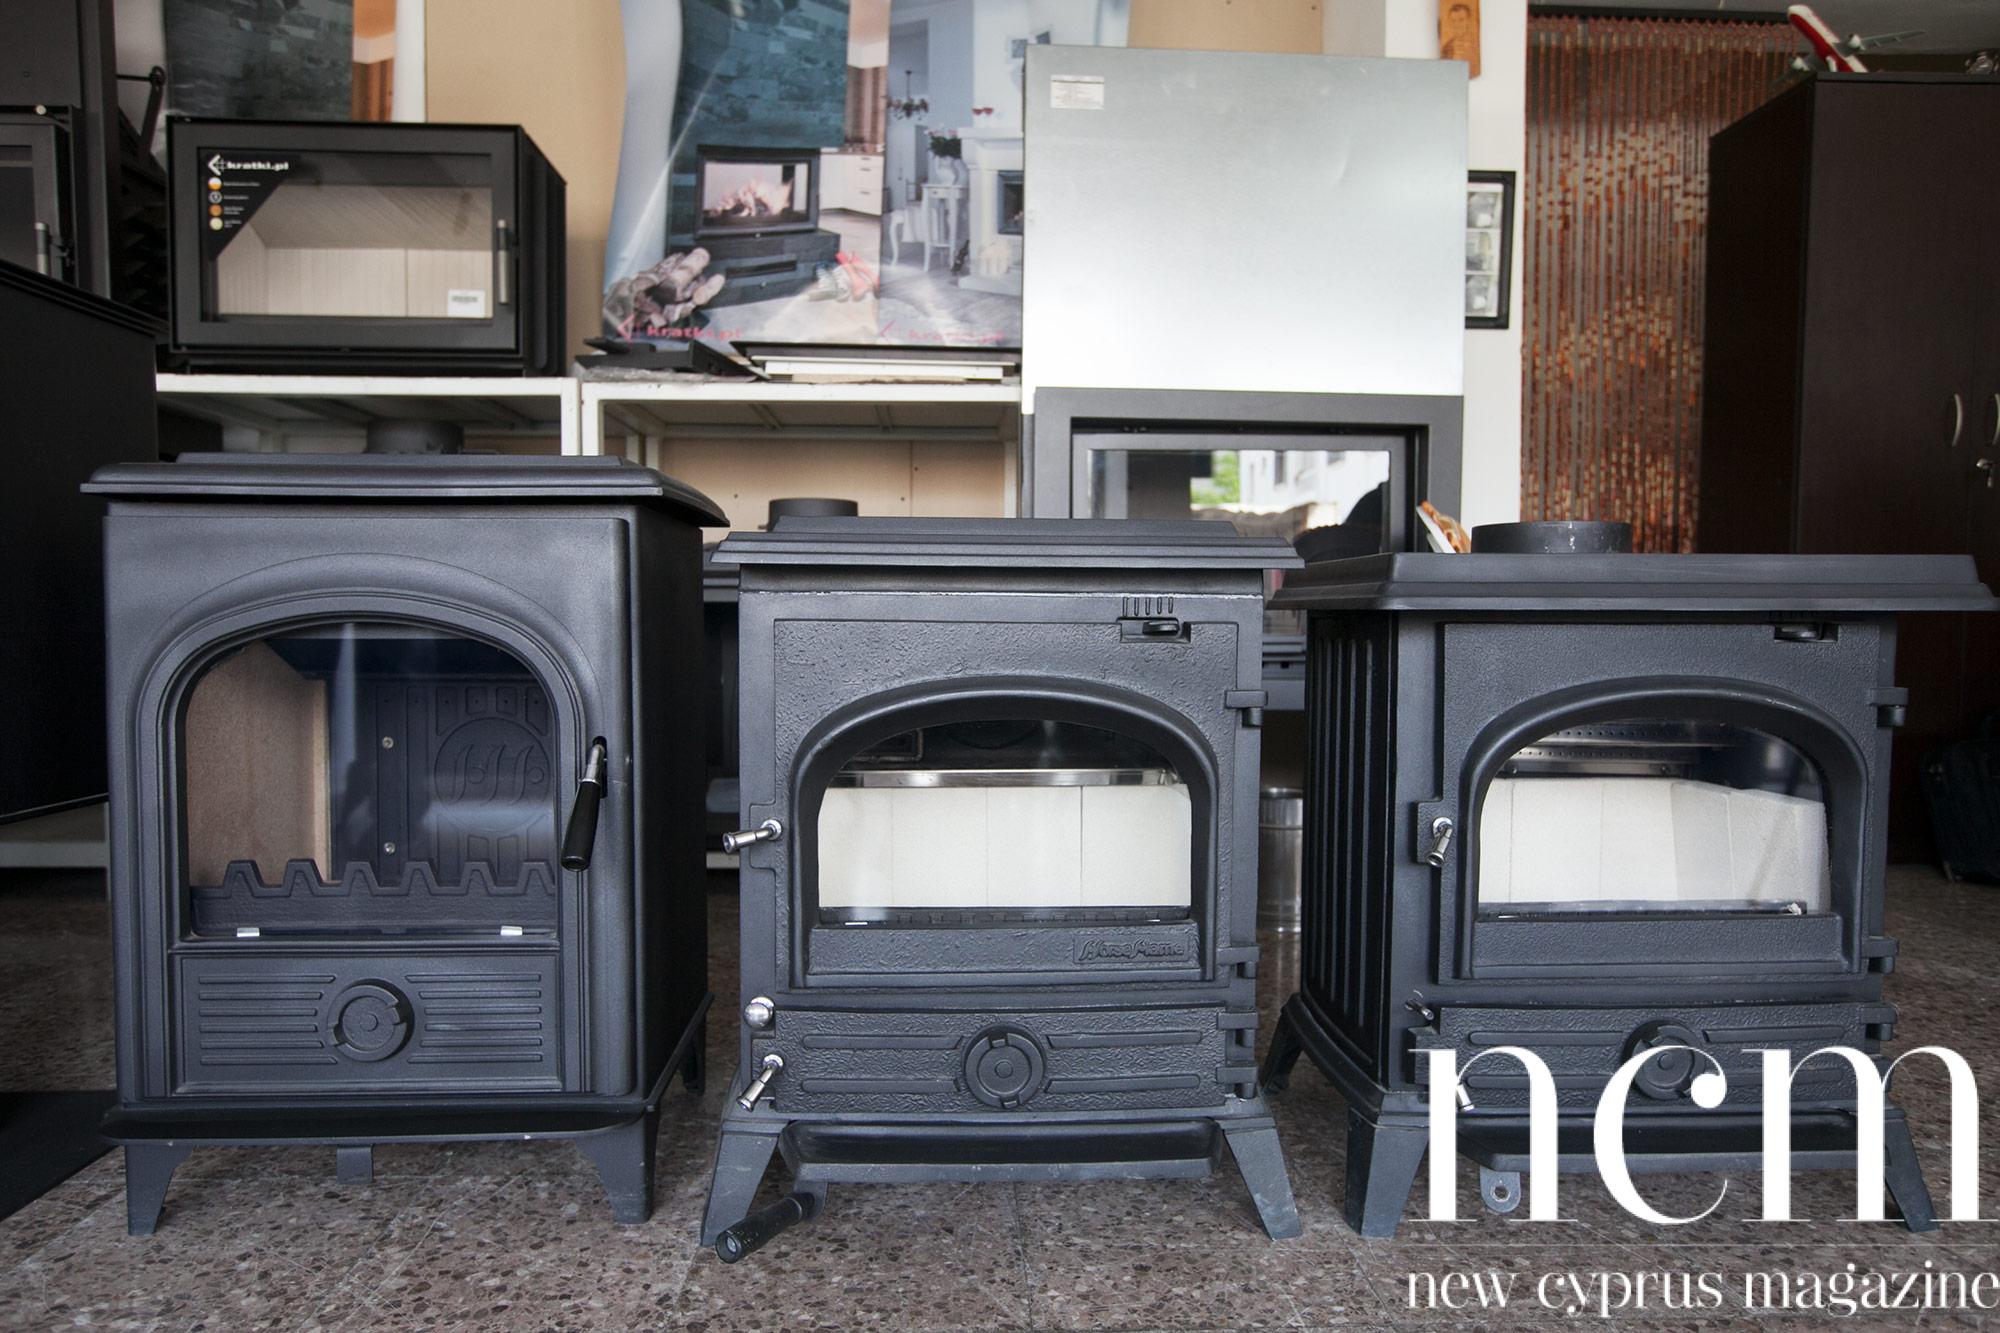 Akinlar Fireplaces